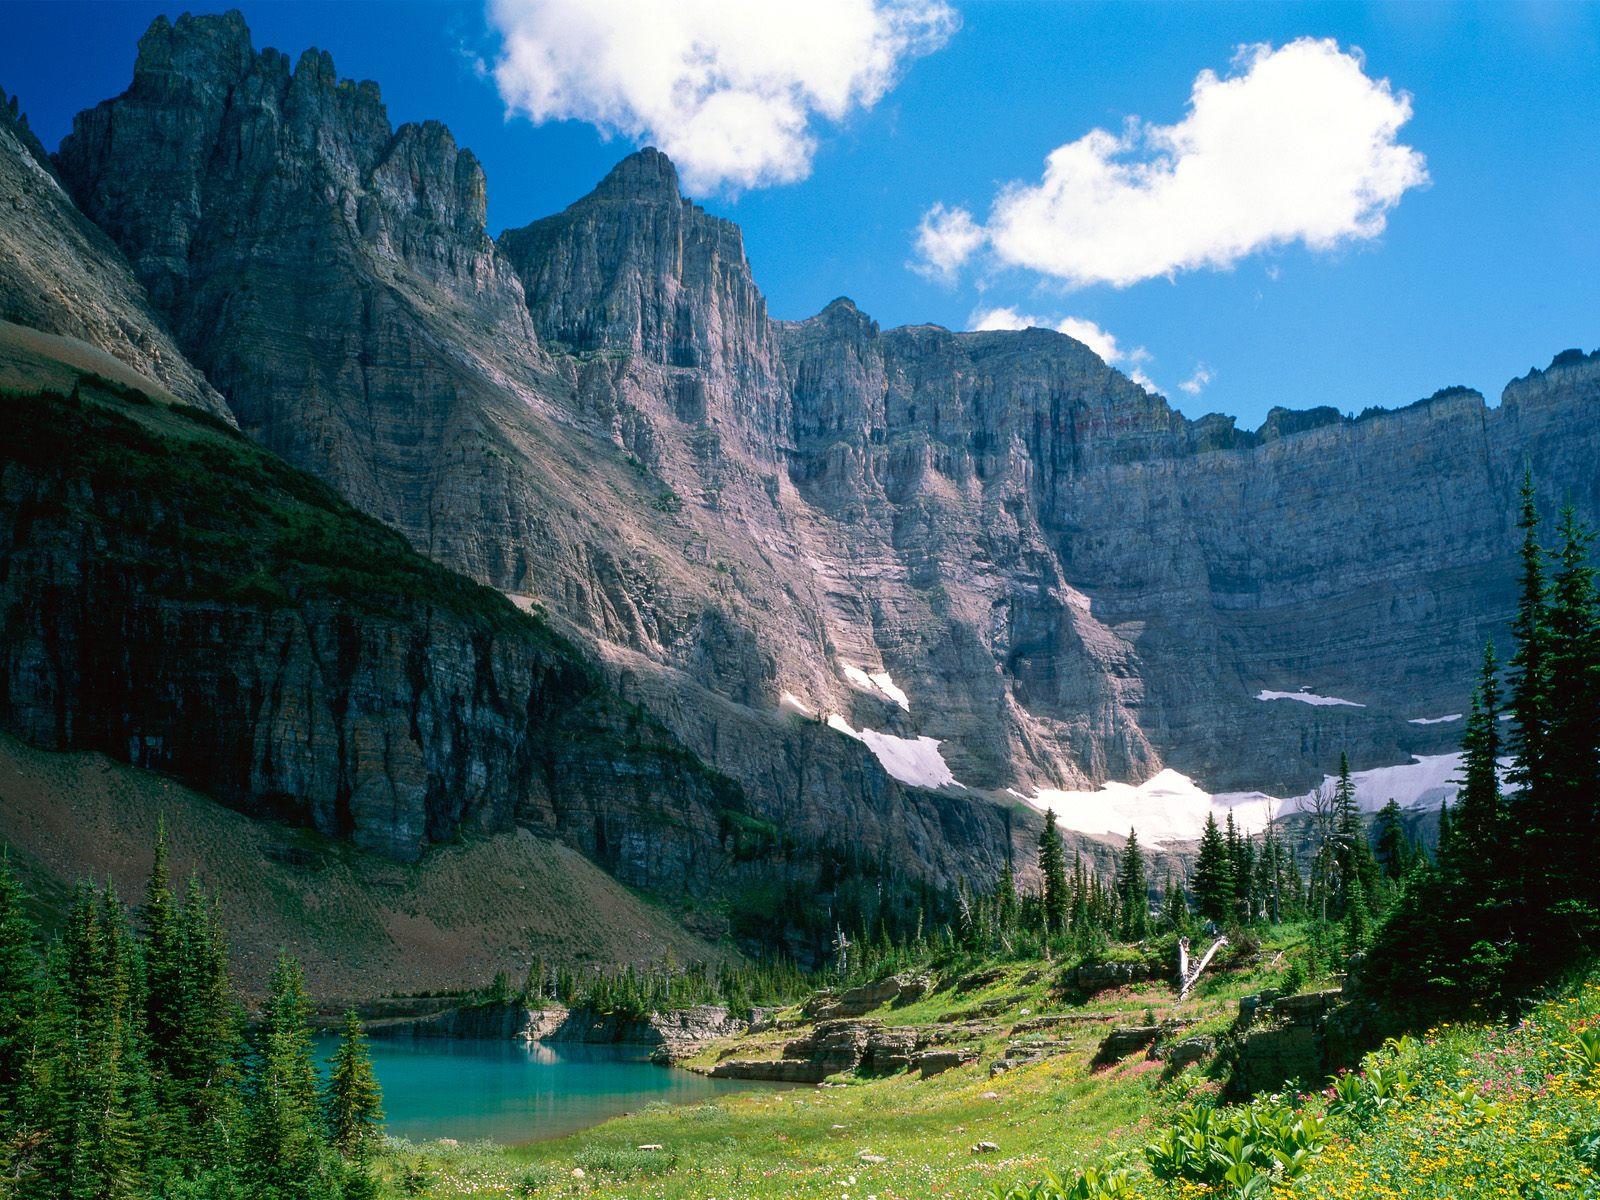 Πατήστε στην εικόνα για να τη δείτε σε μεγένθυνση  Όνομα:  montana3.jpeg Εμφανίσεις:  59 Μέγεθος:  465,0 KB